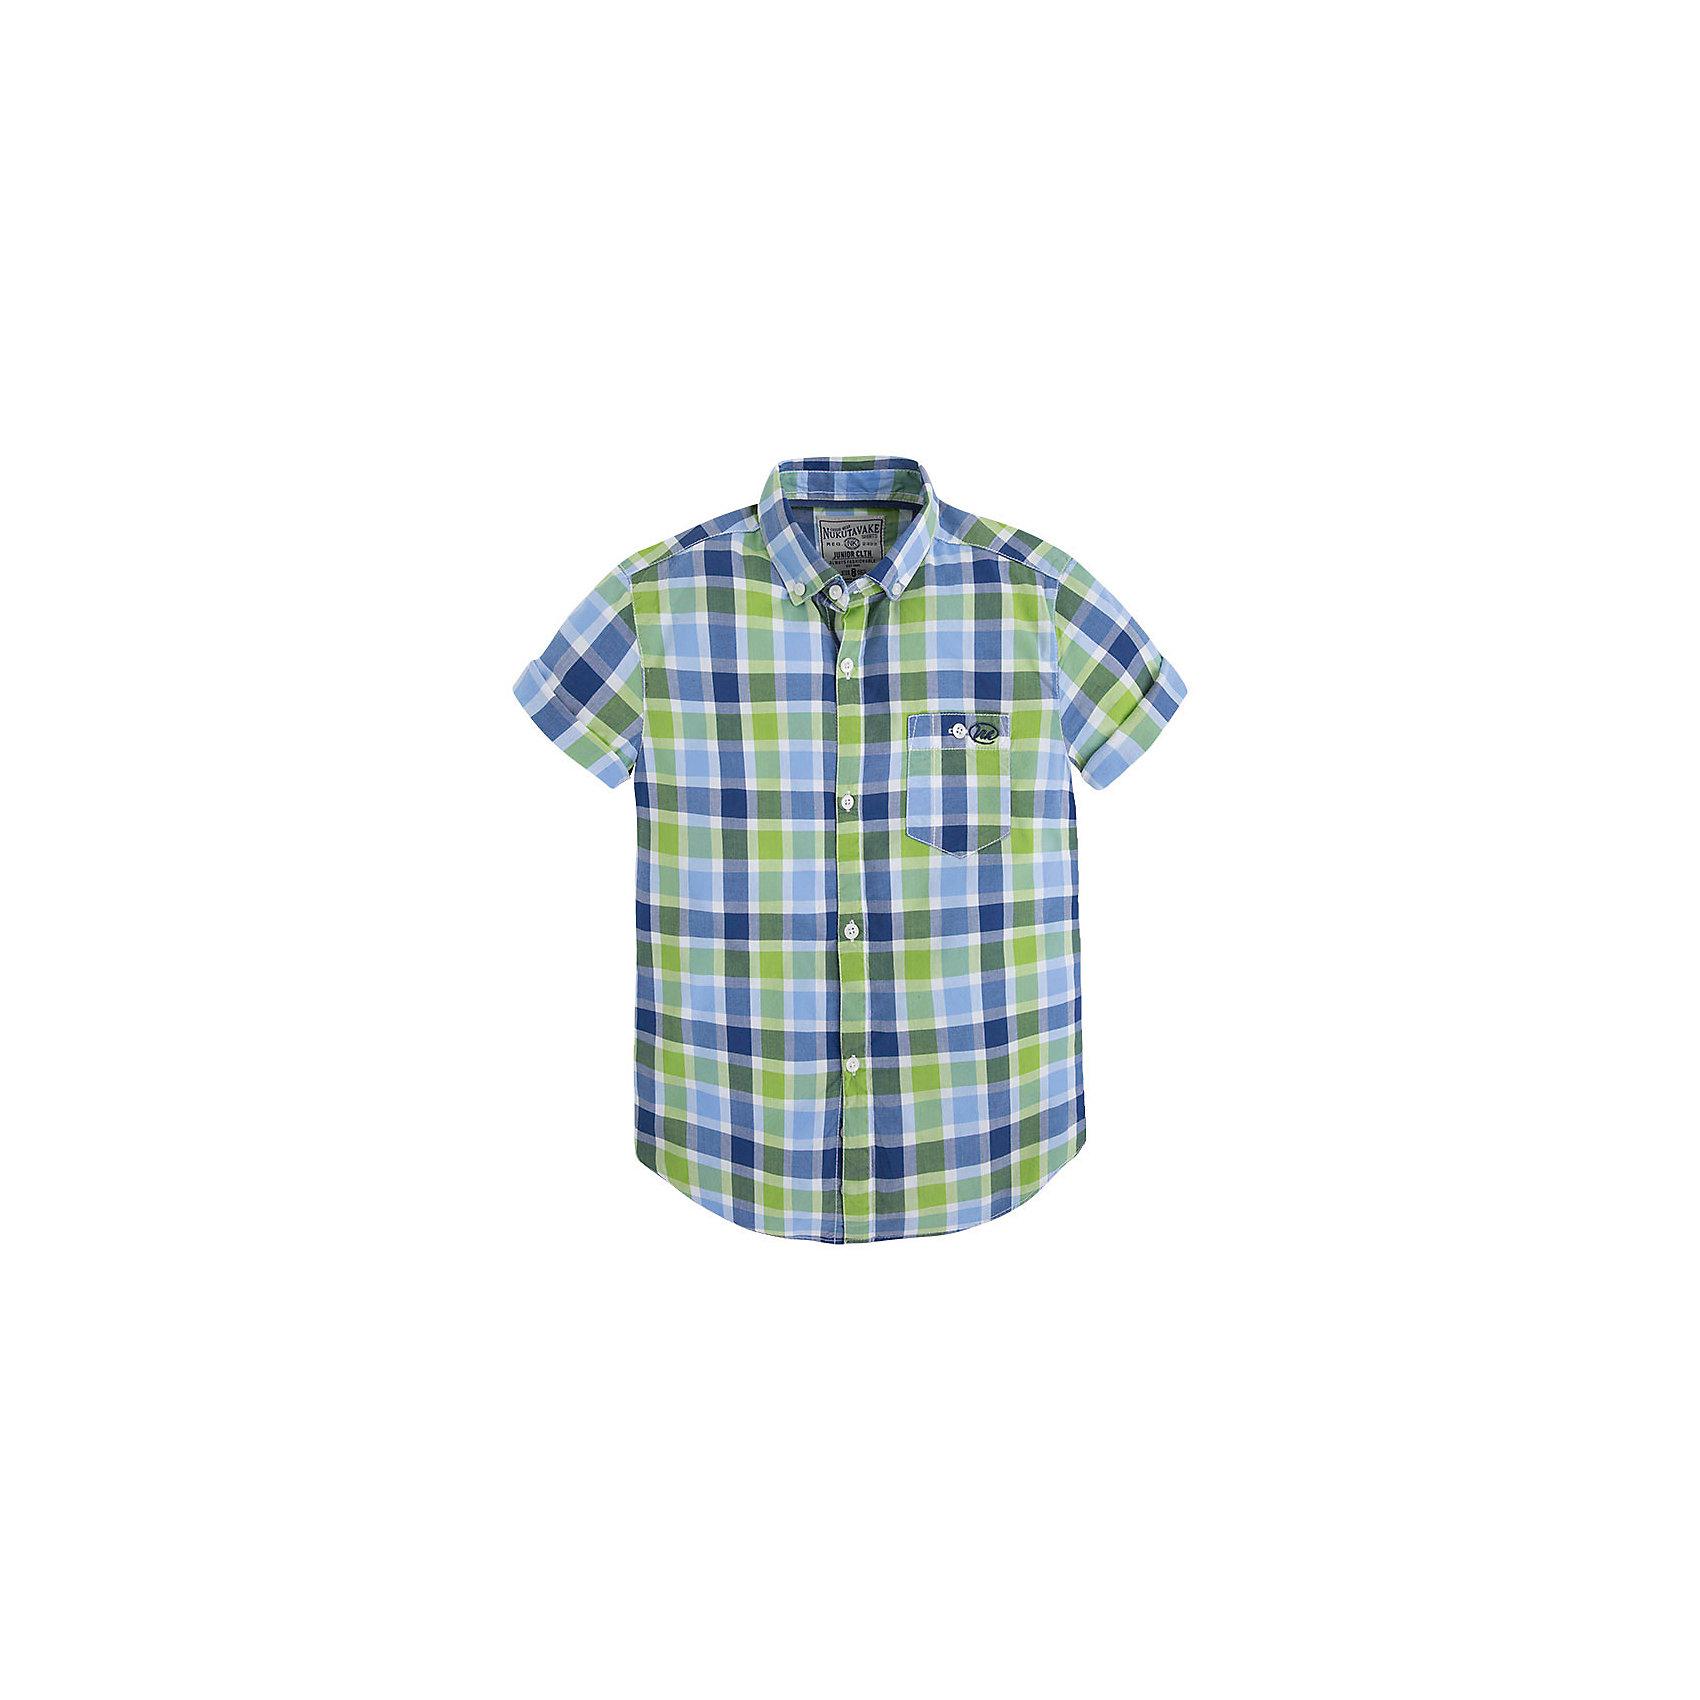 Mayoral Рубашка для мальчика Mayoral в каком магазине в бибирево можно купить дшево косметику dbib